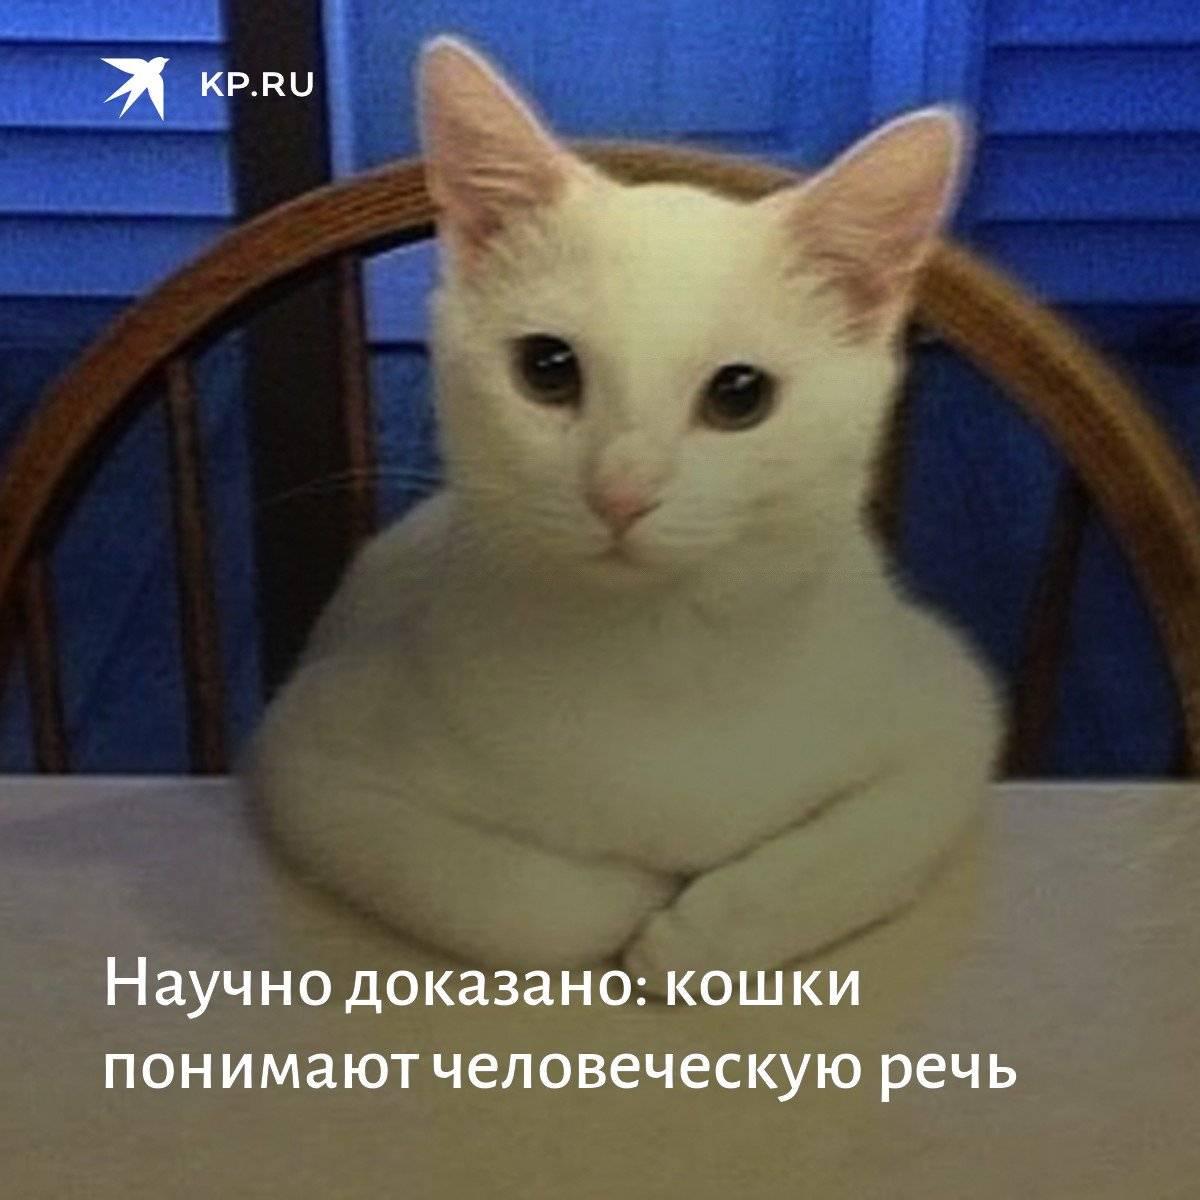 Понимают ли кошки и коты человеческую речь   людей